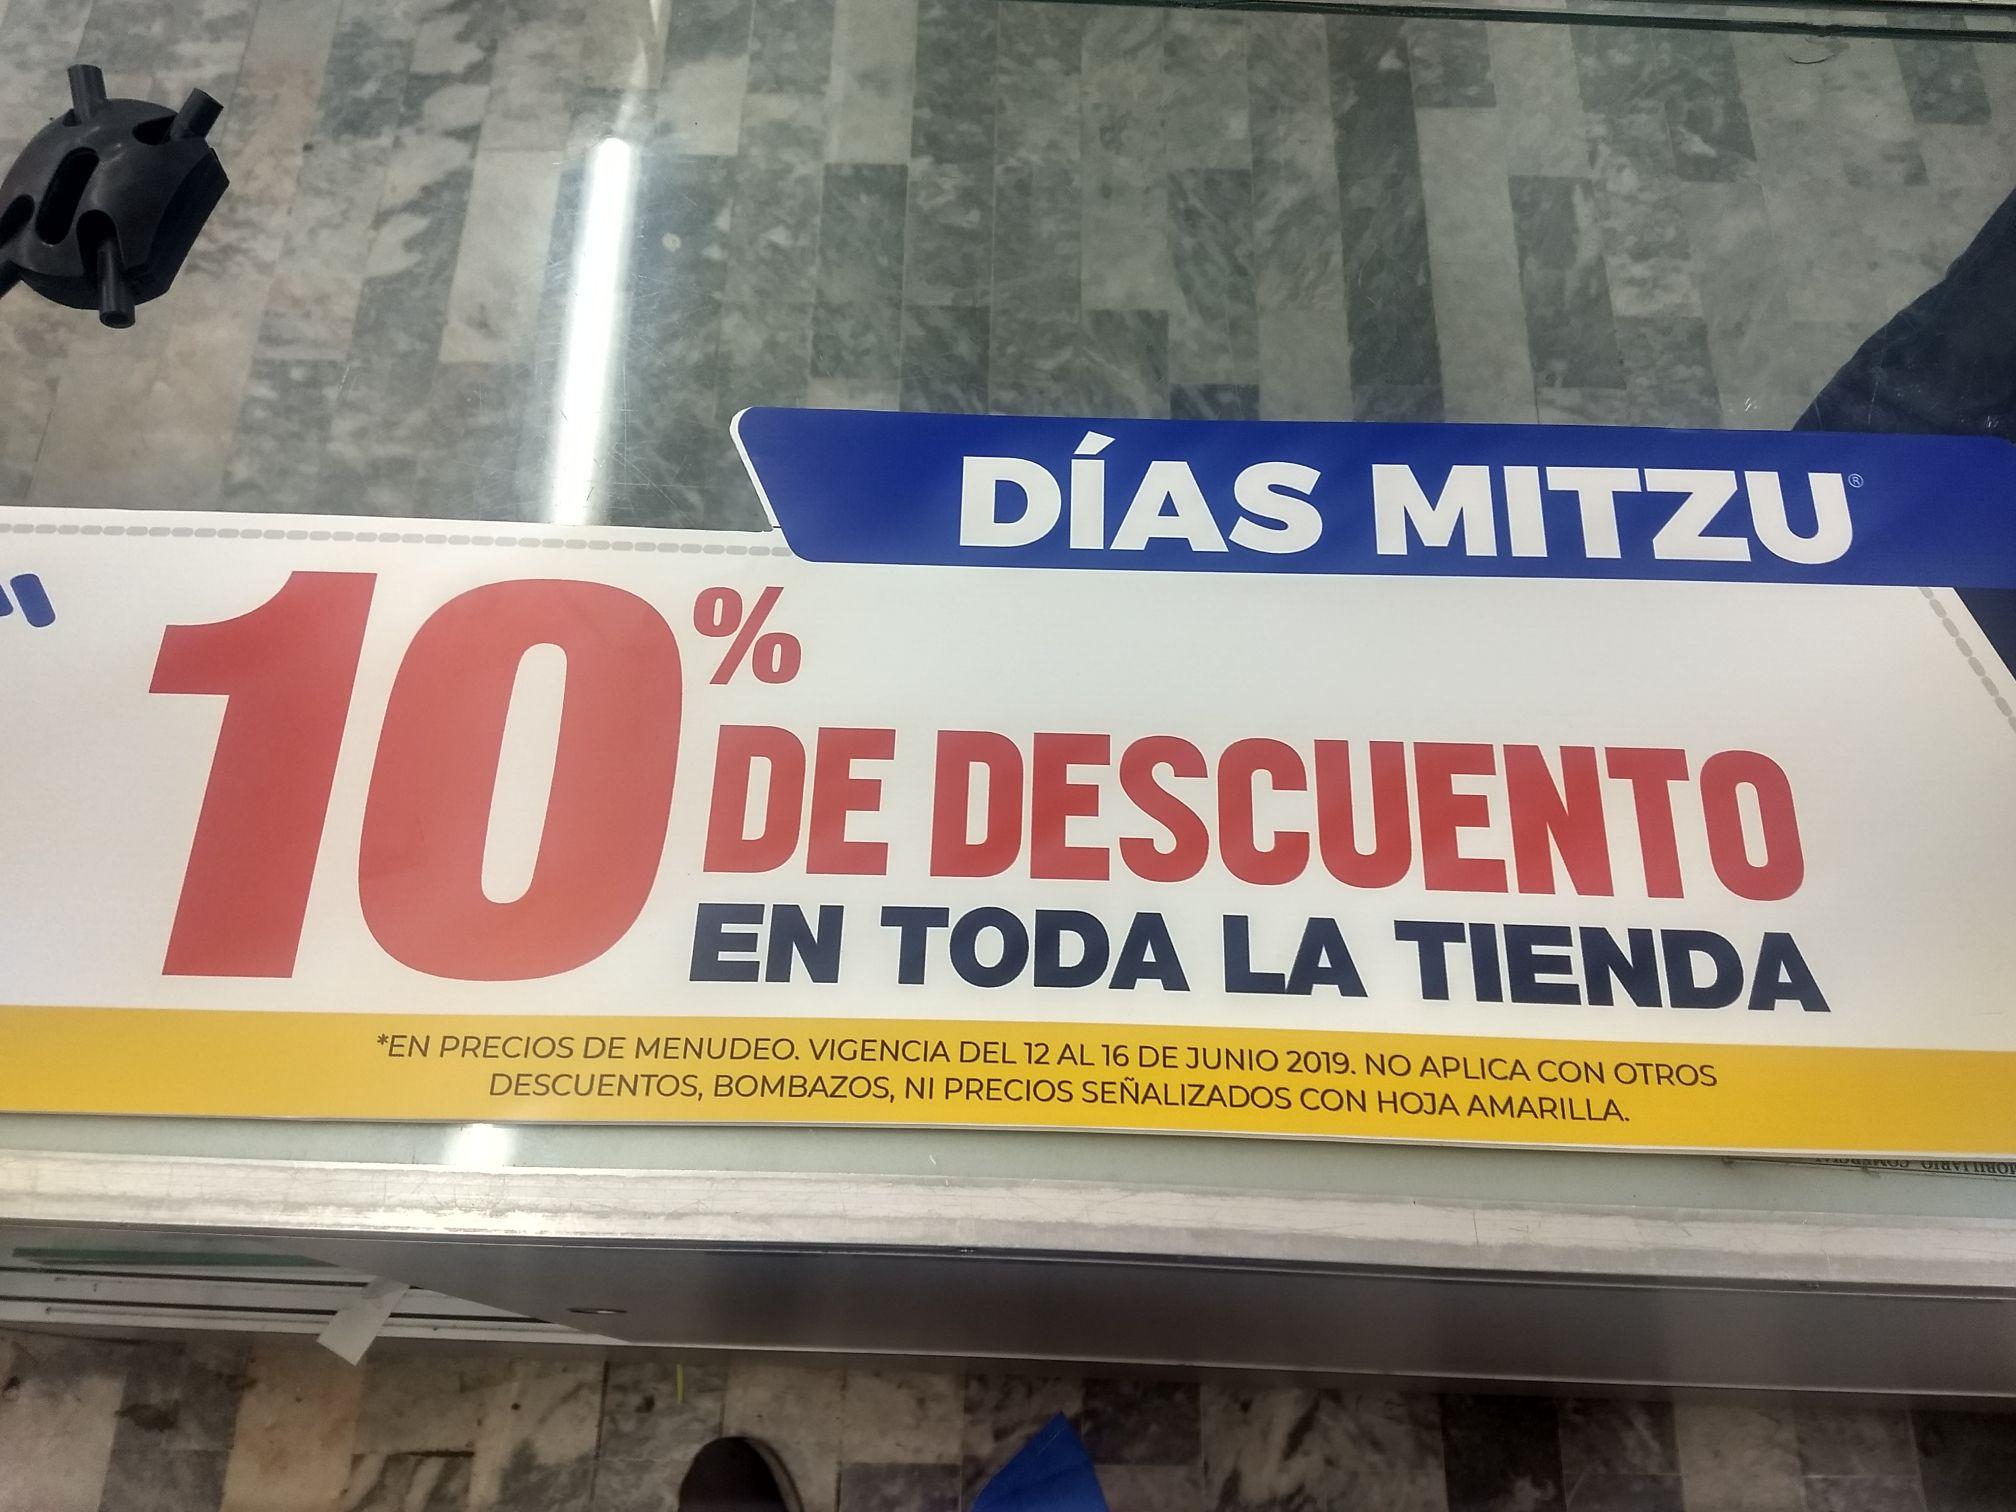 mitzu: 10% de descuento en mercancía por menudeo